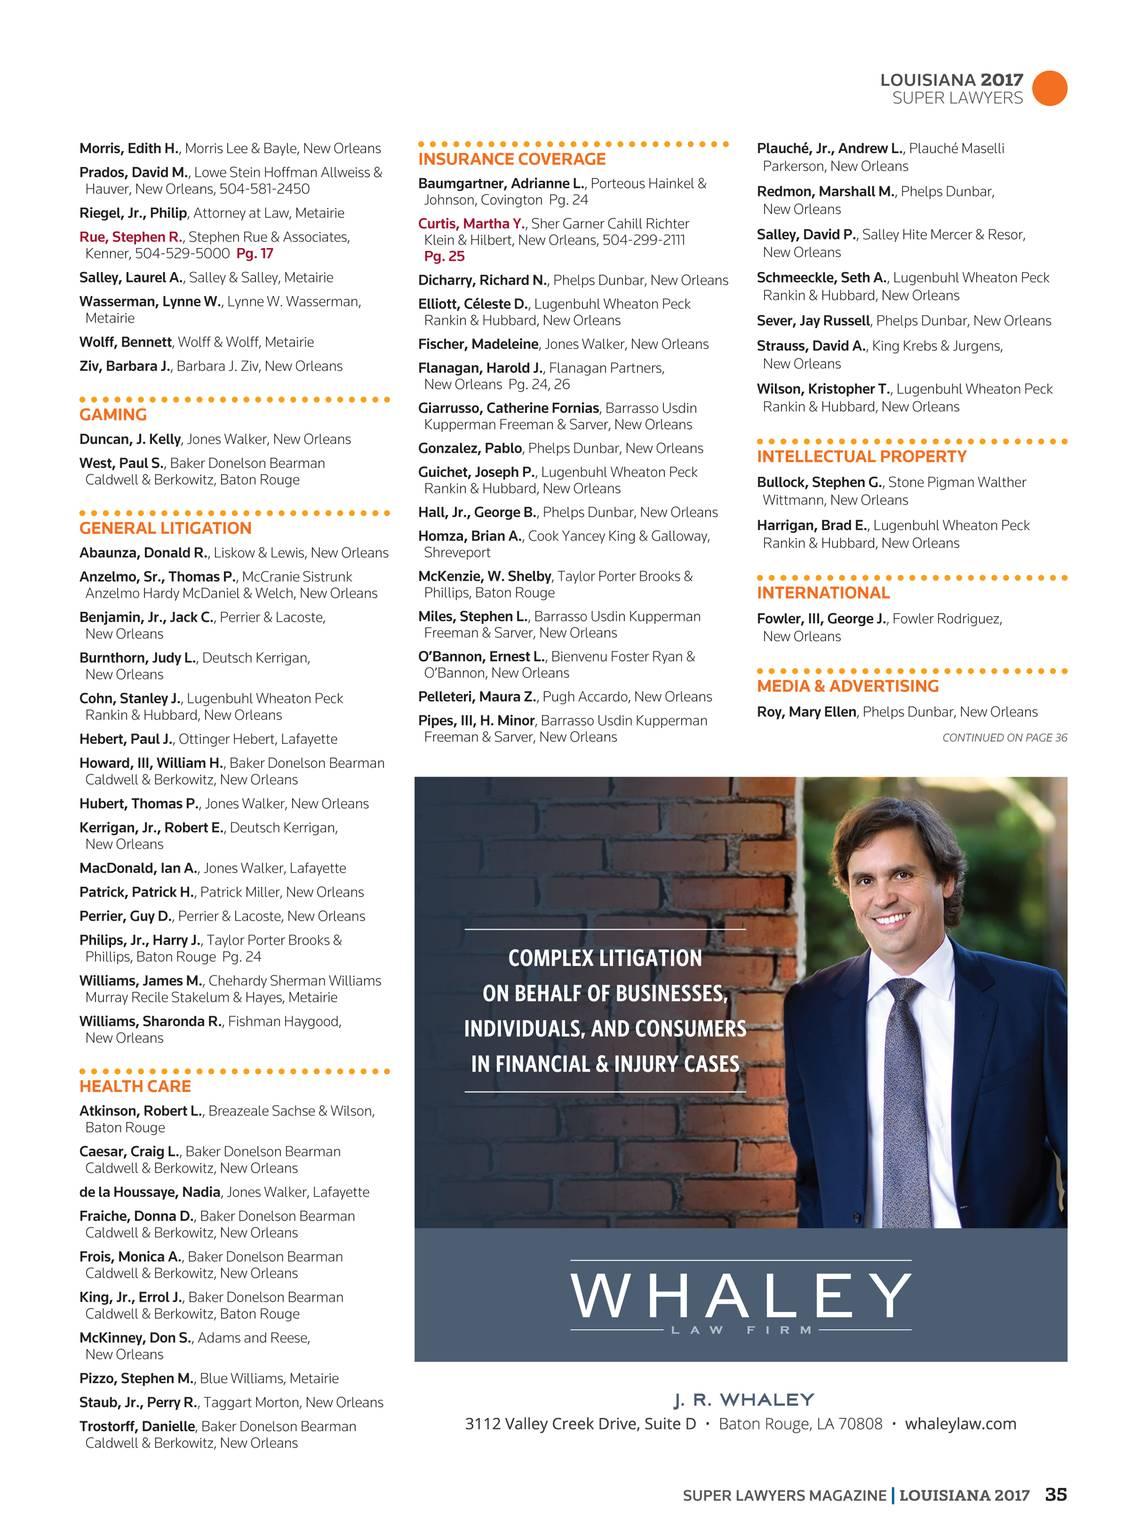 Super Lawyers Louisiana 2017 Page 35